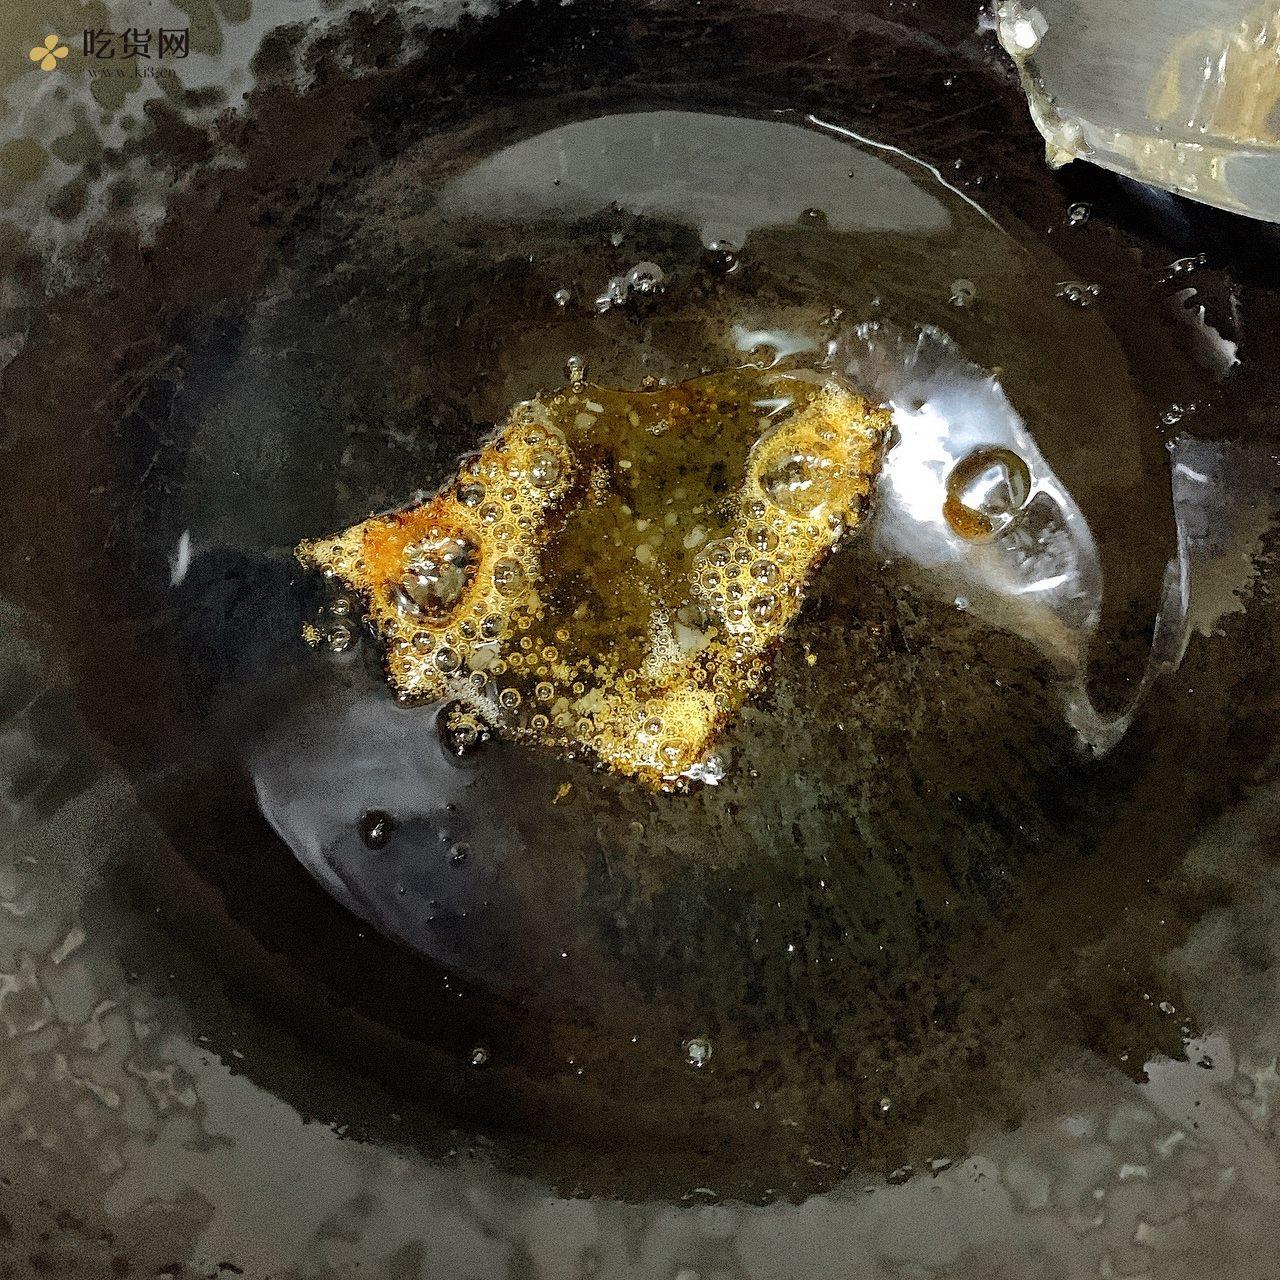 吮指香辣虾尾,超简单快手菜,不油腻无香料的做法 步骤3